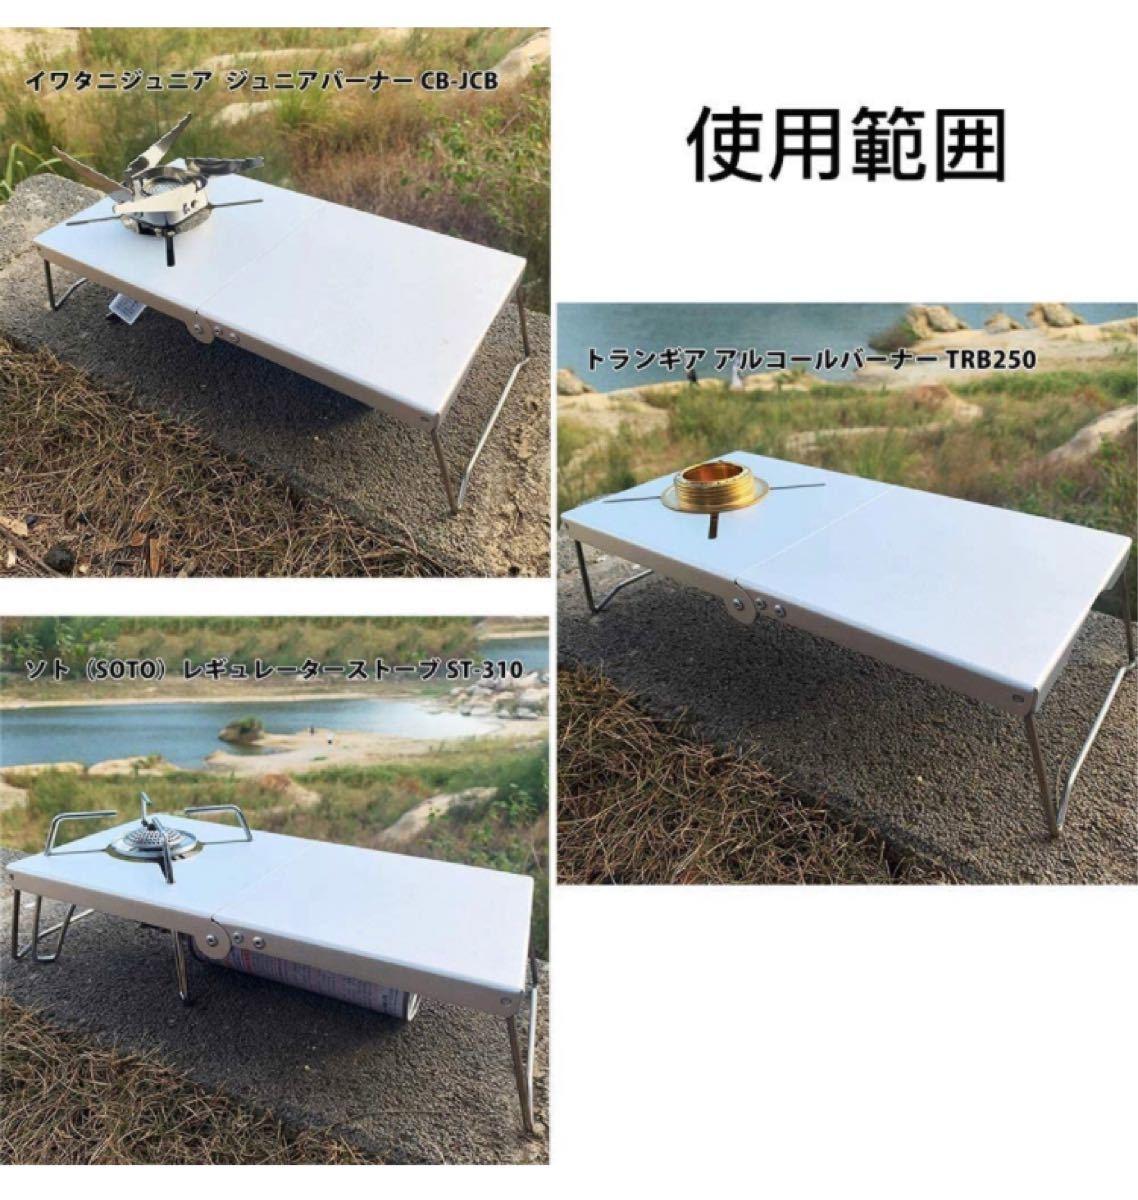 セール!送料込!遮熱テーブル シングルバーナー用 コンパクト SOTO  310 ソロキャンプ   ガスストーブ テント